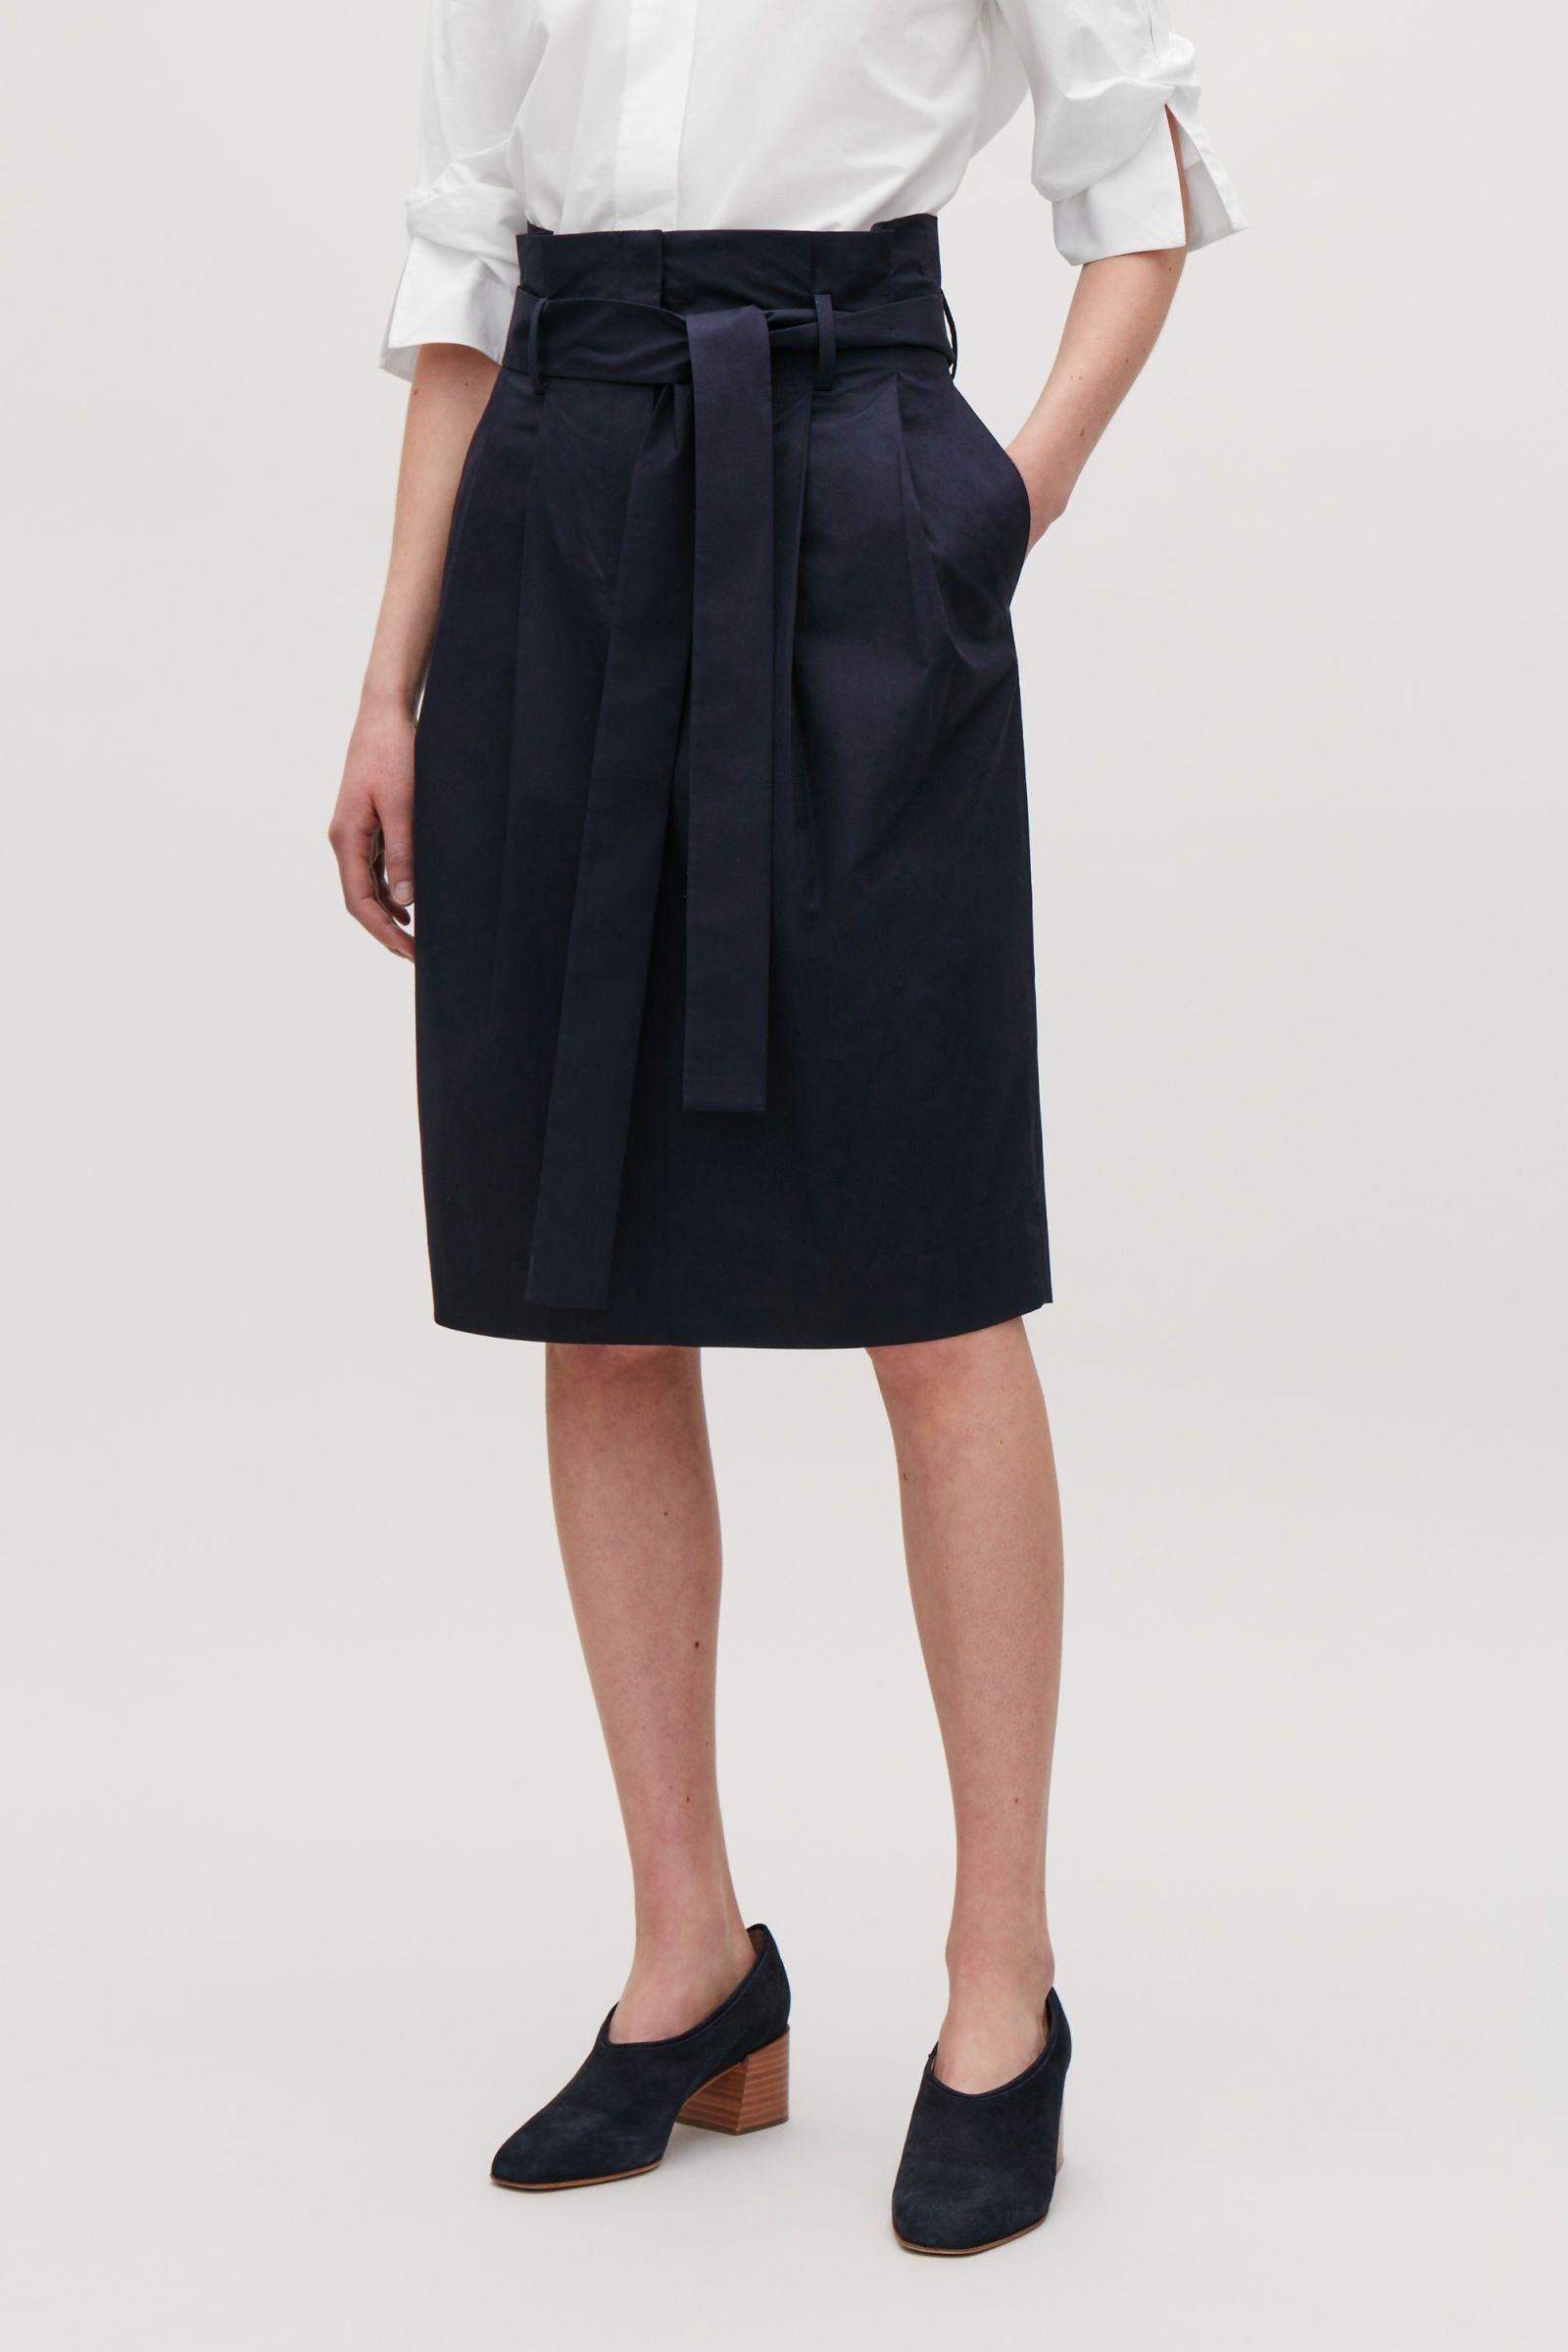 c8a370a2b High Waisted Skirt Mid Length | Huston Fislar Photography